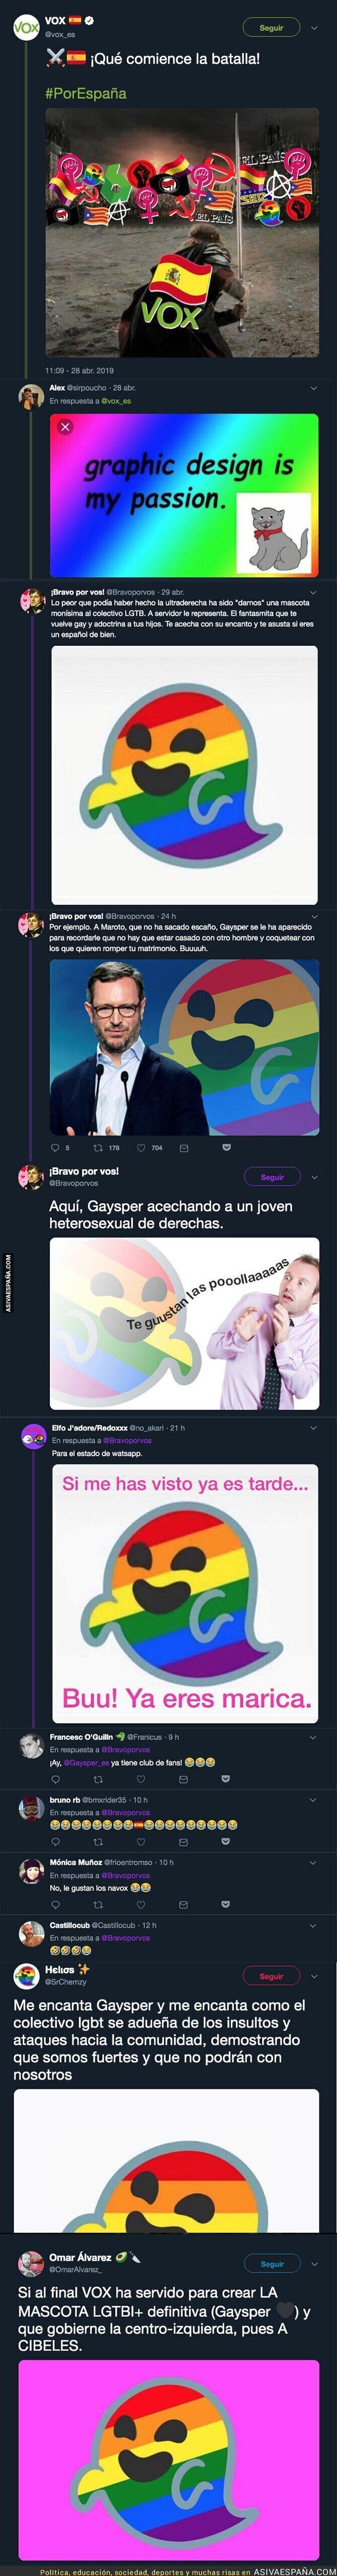 110950 - VOX amenaza al colectivo LGTBI y a partir de las elecciones convierten a 'Gaysper' en su nueva mascota